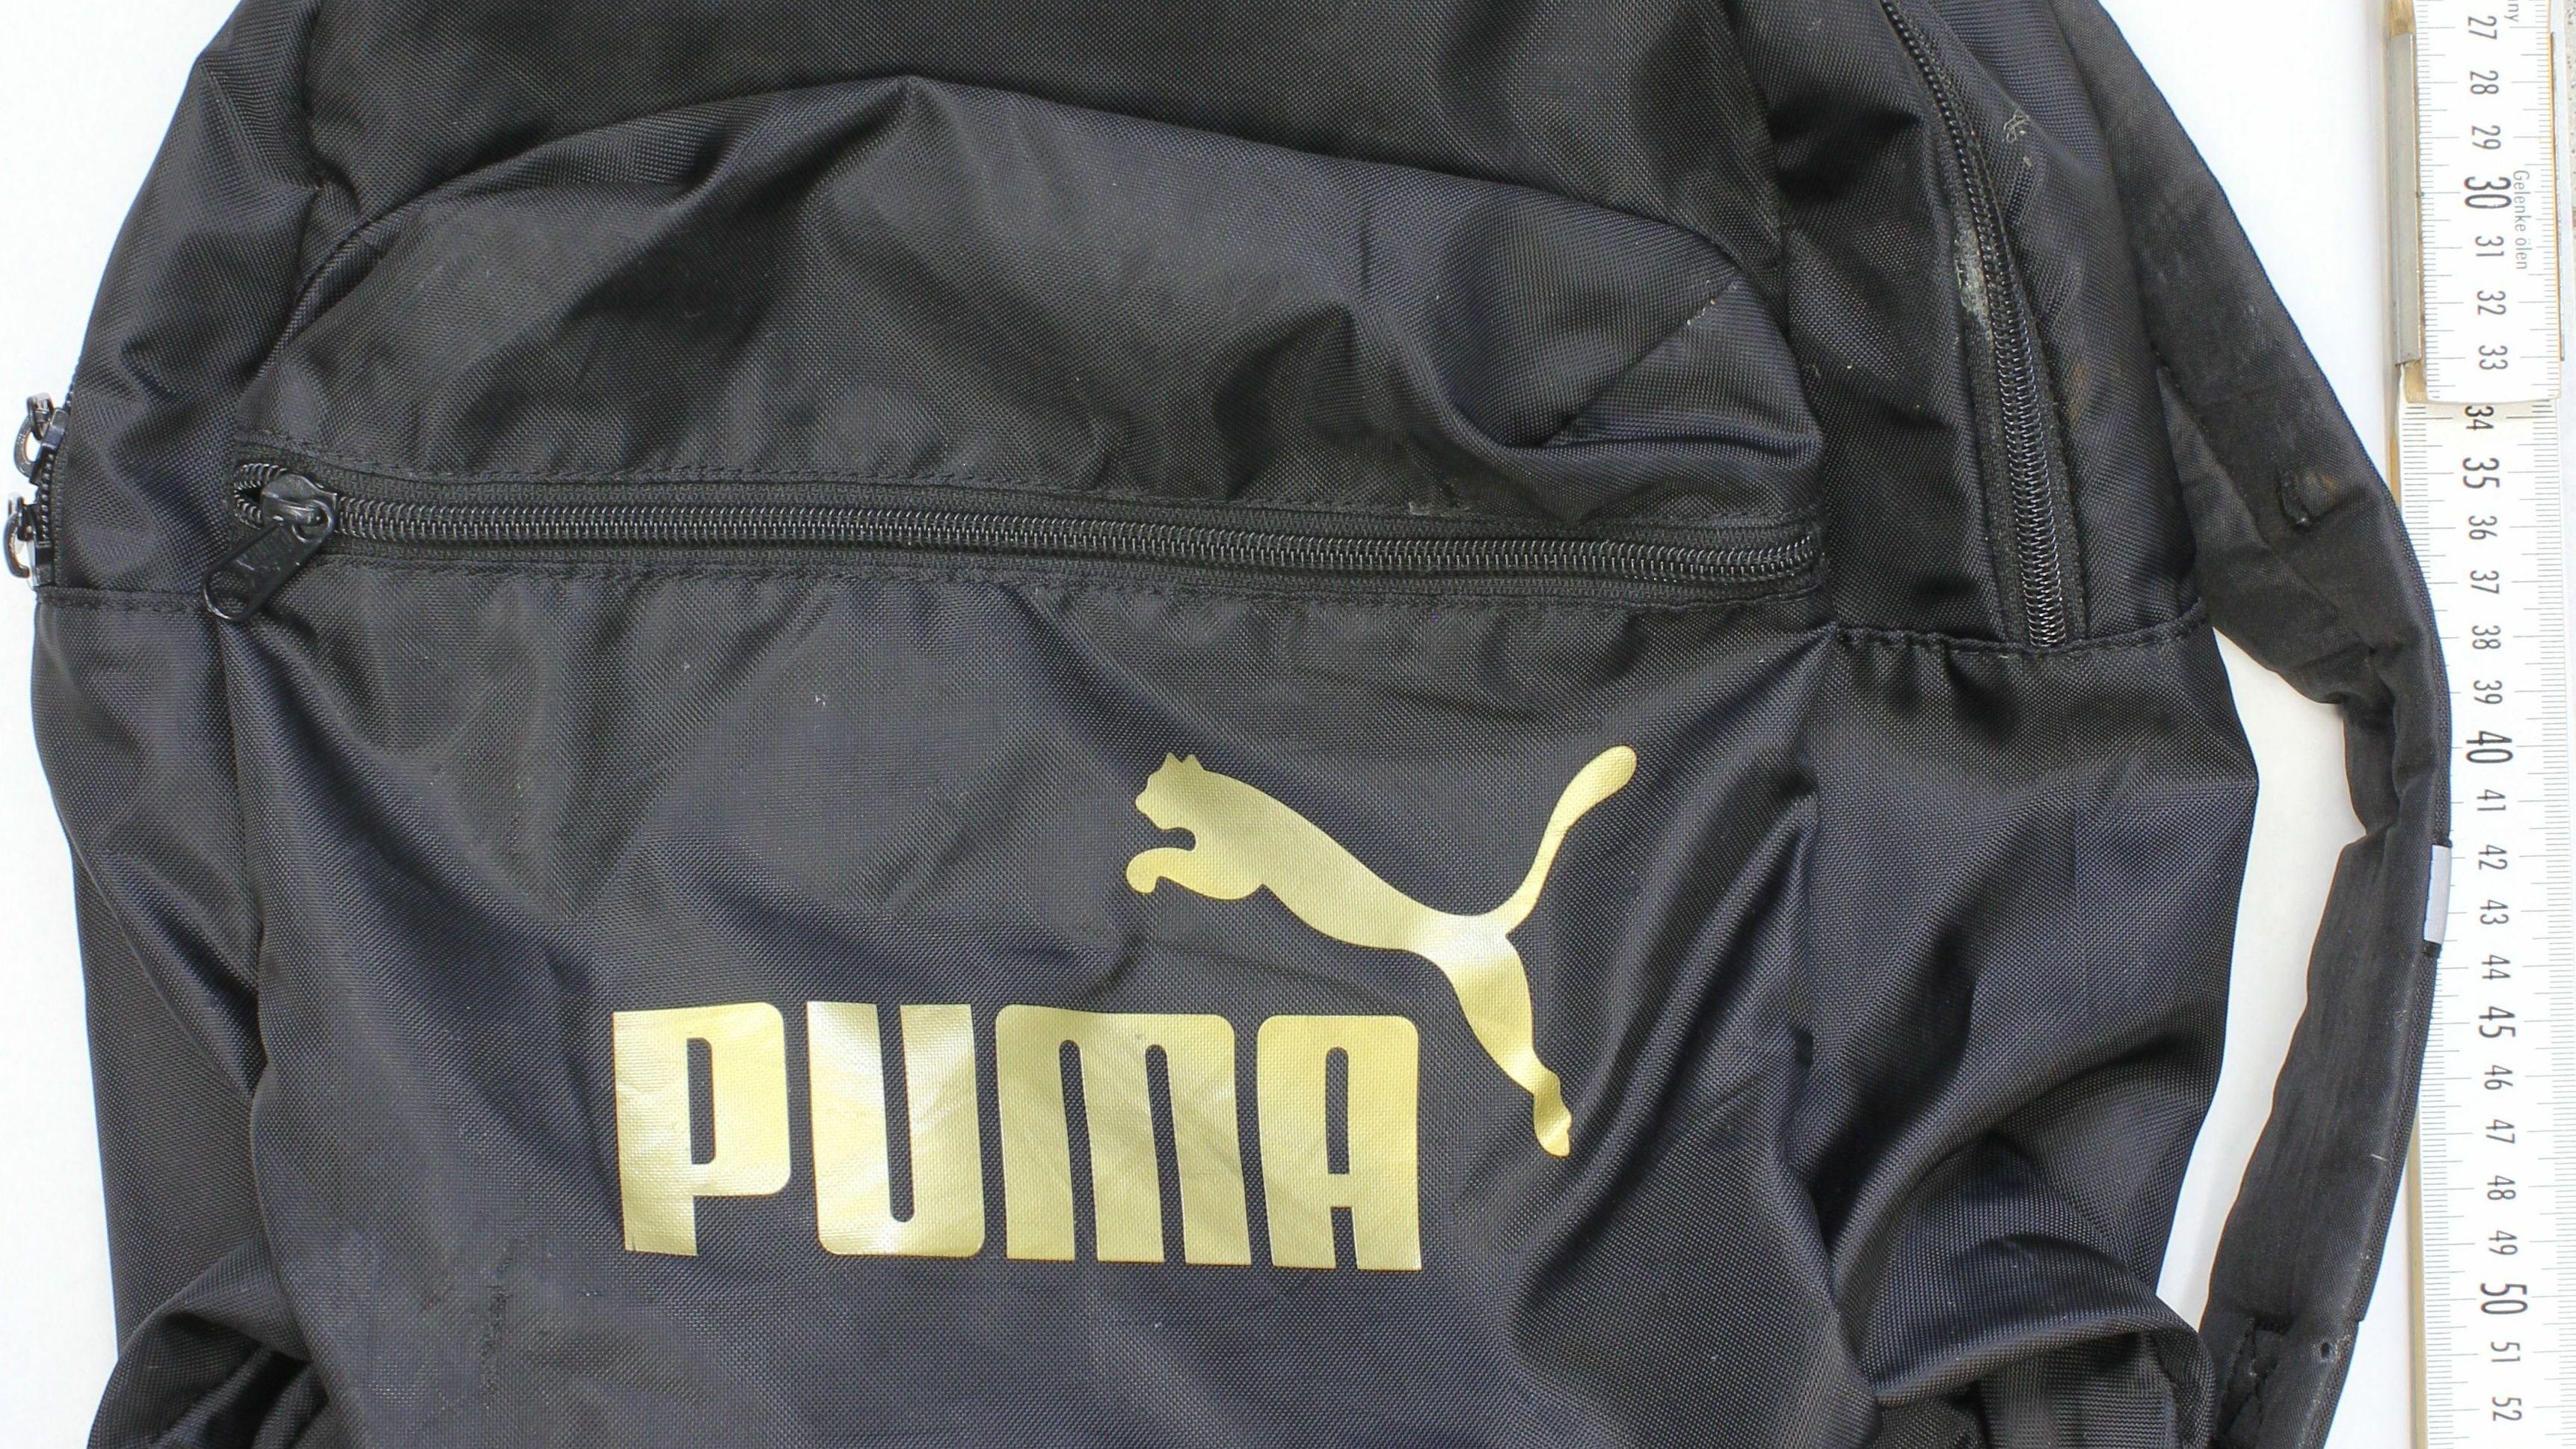 """Weiter wurde ein schwarzer Rucksack der Marke """"Puma"""" gefunden."""